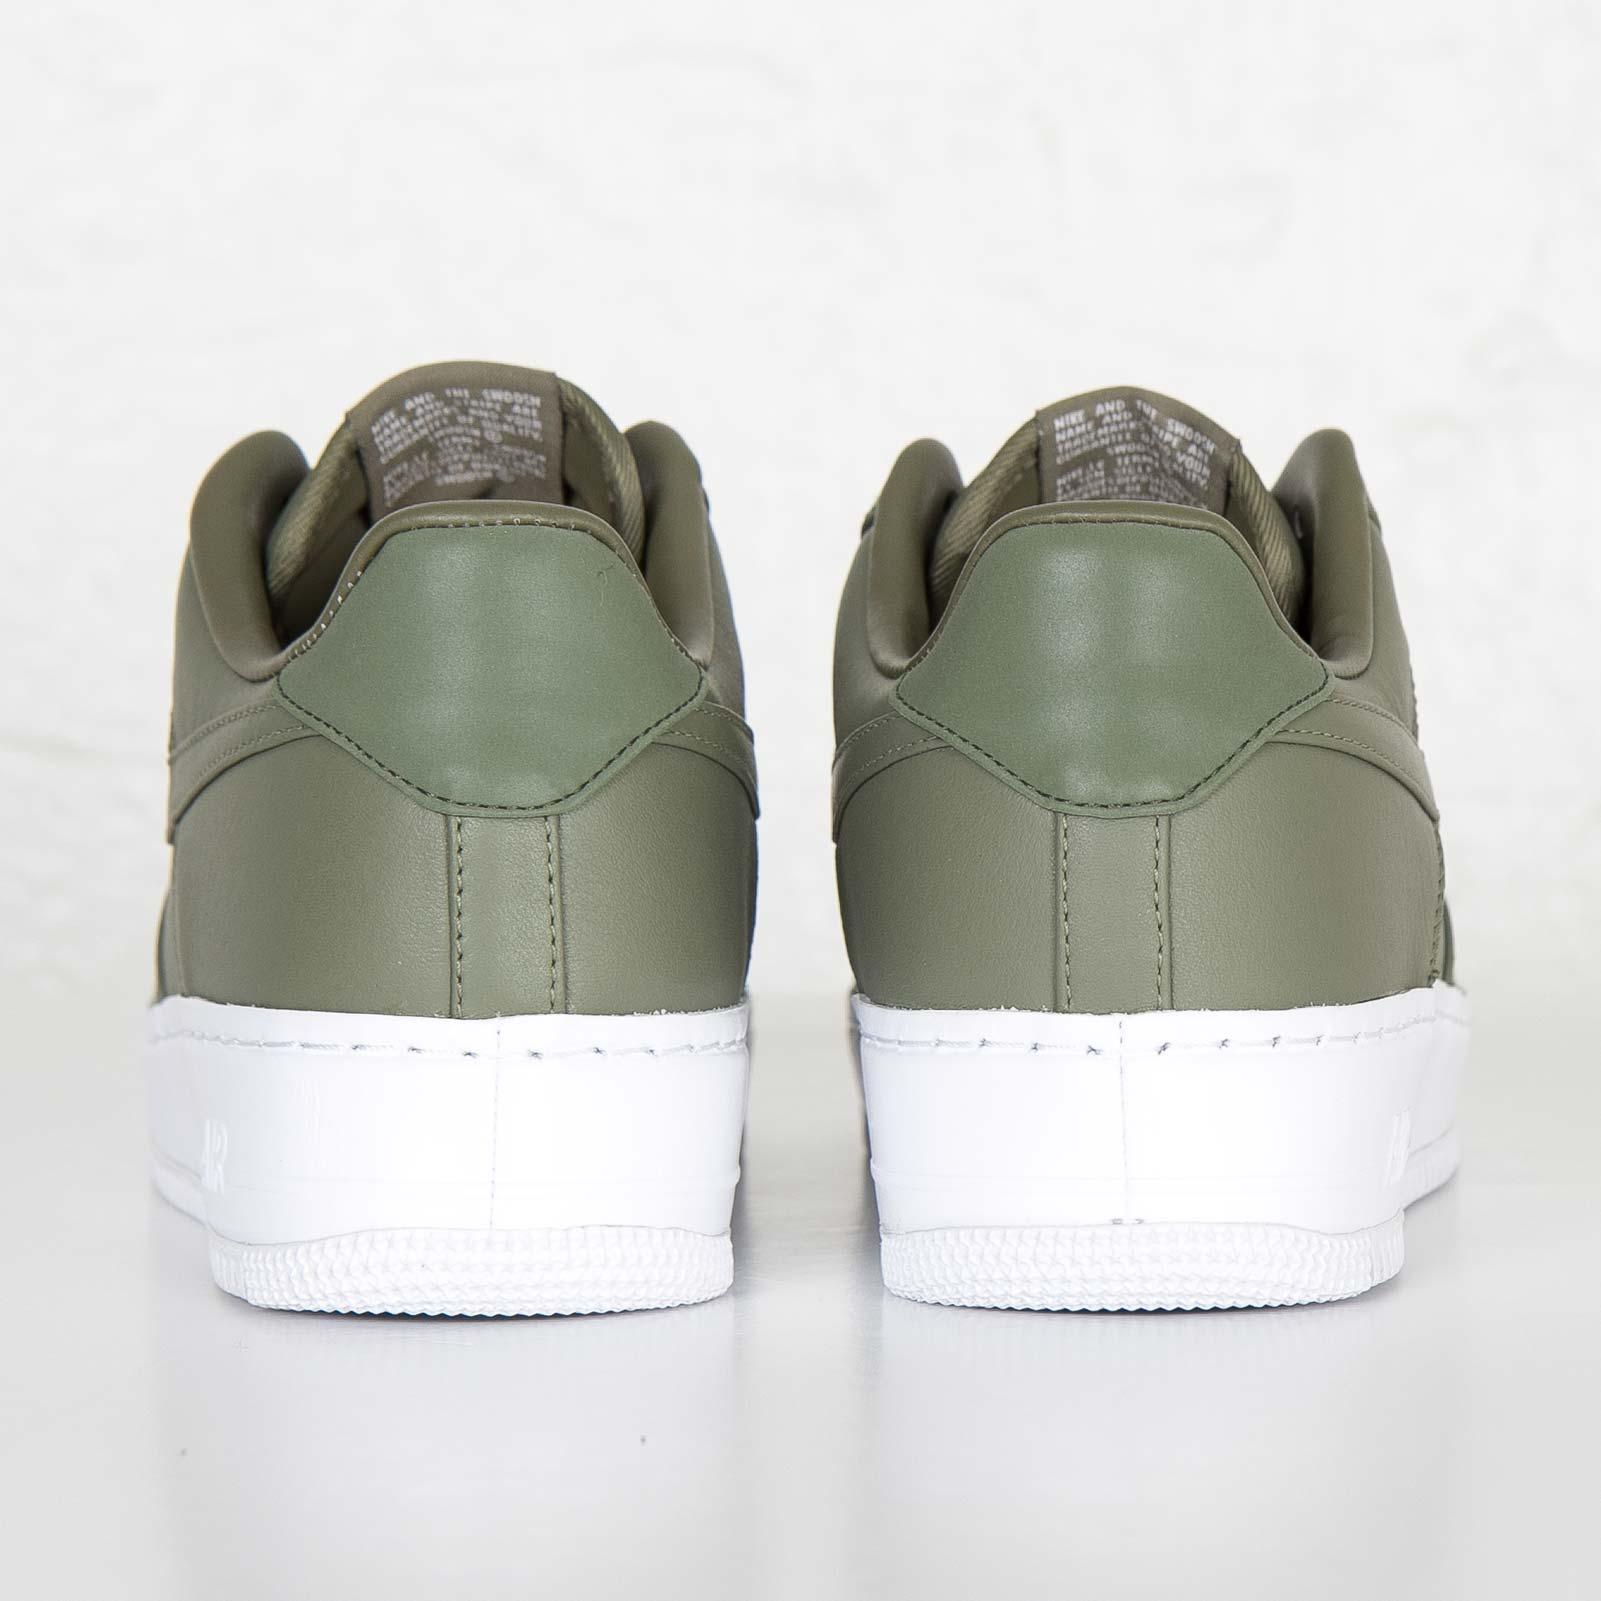 super popular 94eaf 8f45a Nike NikeLab Air Force 1 Low - 555106-300 - Sneakersnstuff ...